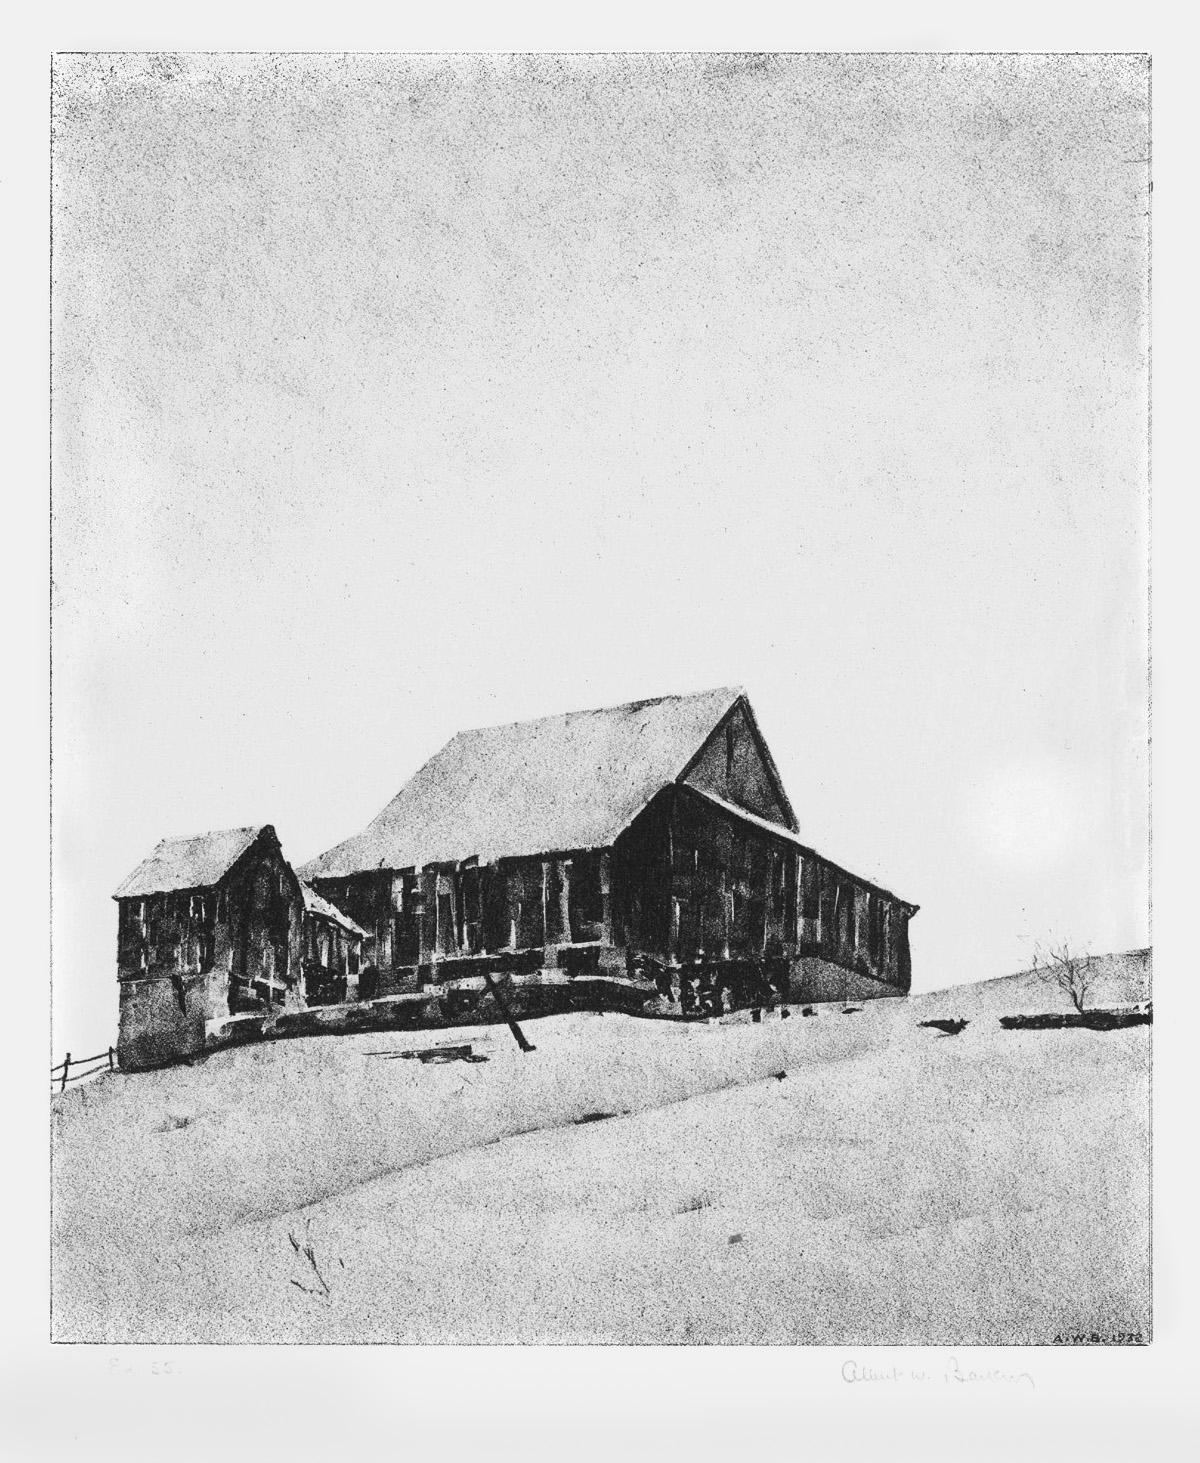 Upper Barn, Winter